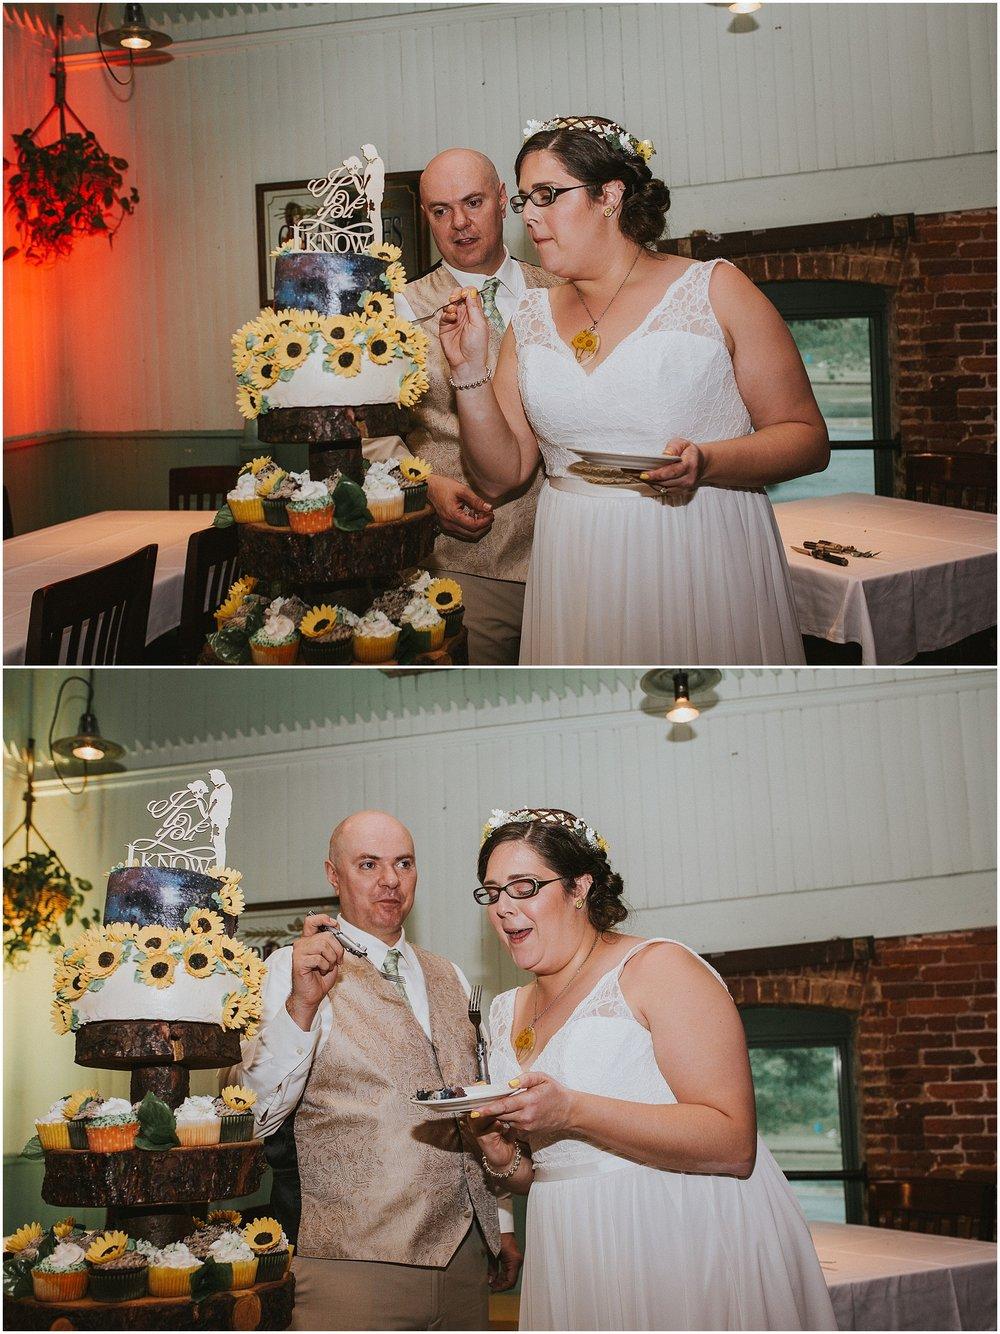 Reading-Pennsylvania-Outdoor-Wedding-DIY-Bride-Groom-Dancing-Laughter-Reception (63).jpg